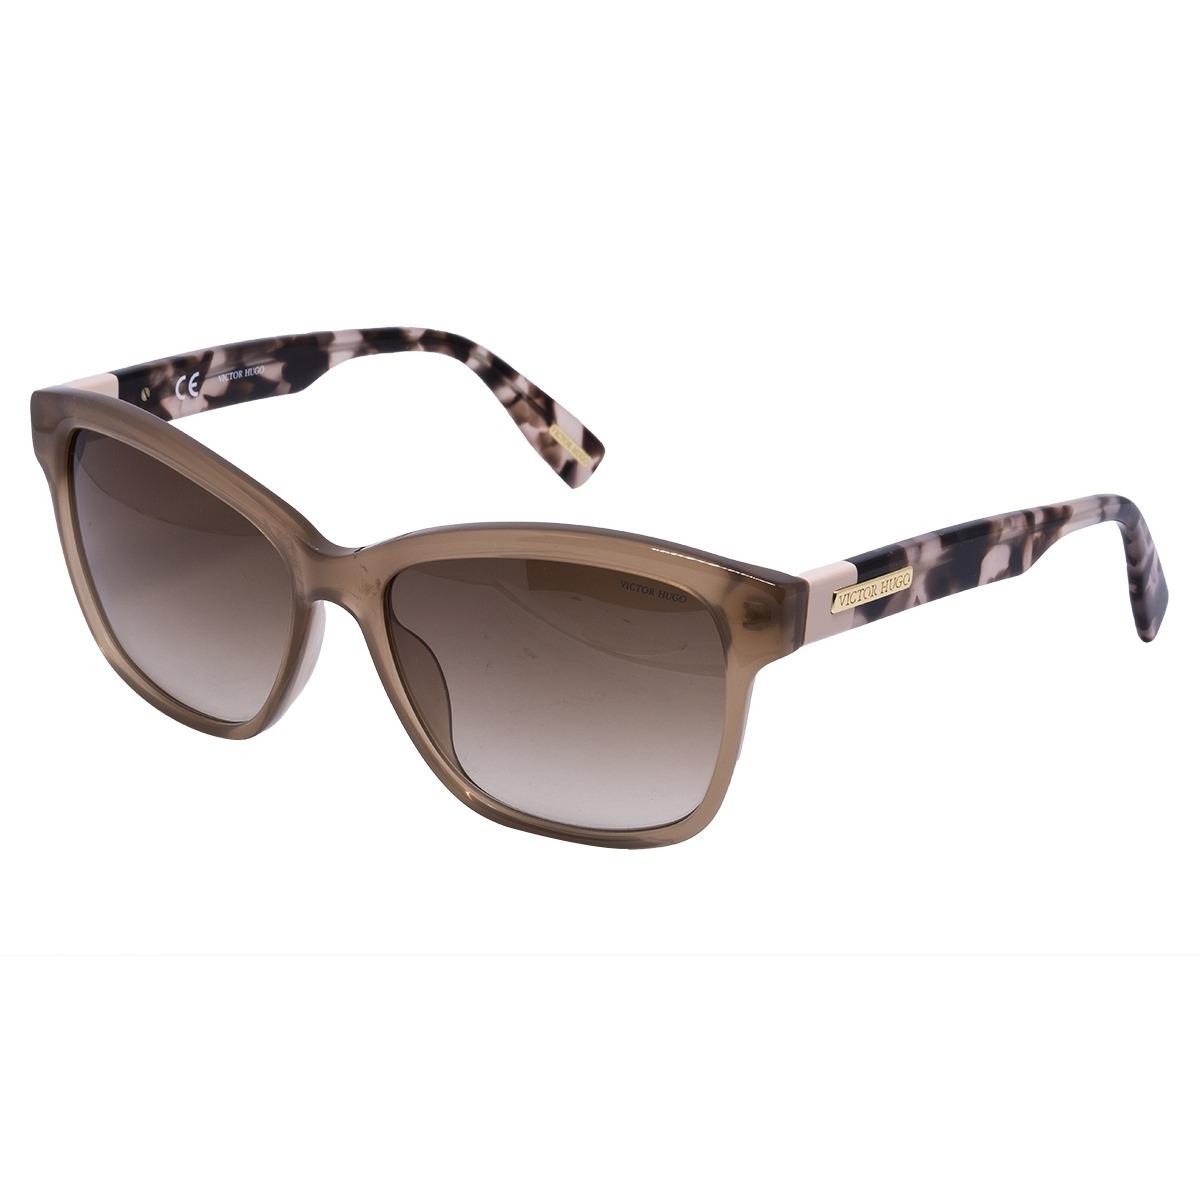 9d6382c7286eb óculos de sol victor hugo original feminino sh1730. Carregando zoom.